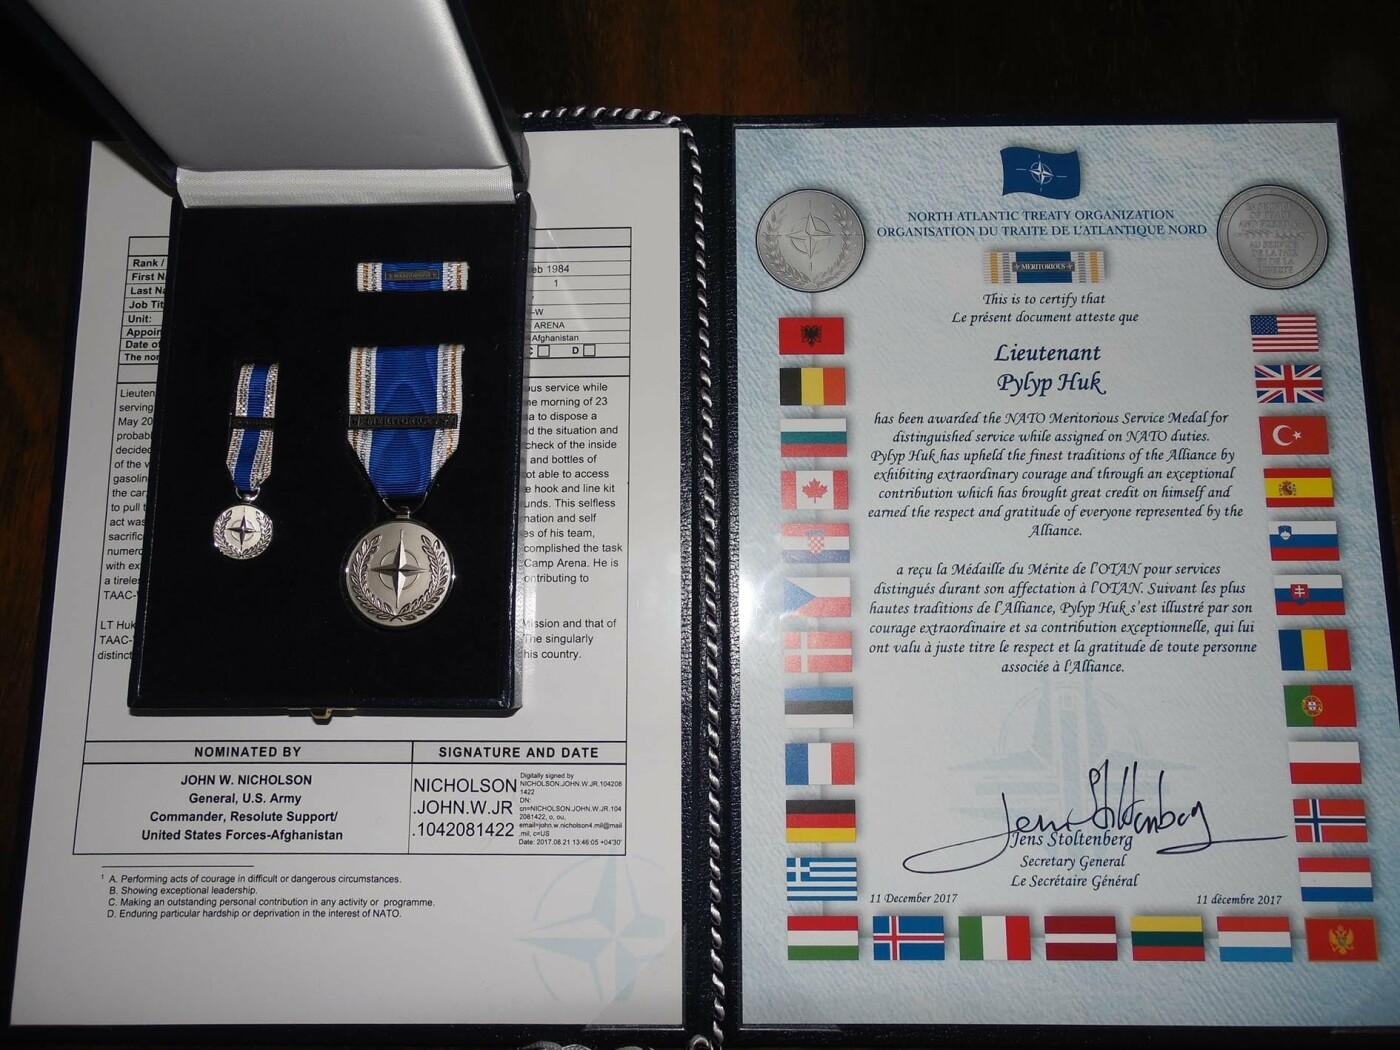 Військовослужбовець ЗСУ старший лейтенант Пилип Гук отримав високу державну нагороду, Фото: Командування Сил підтримки Збройних Сил України